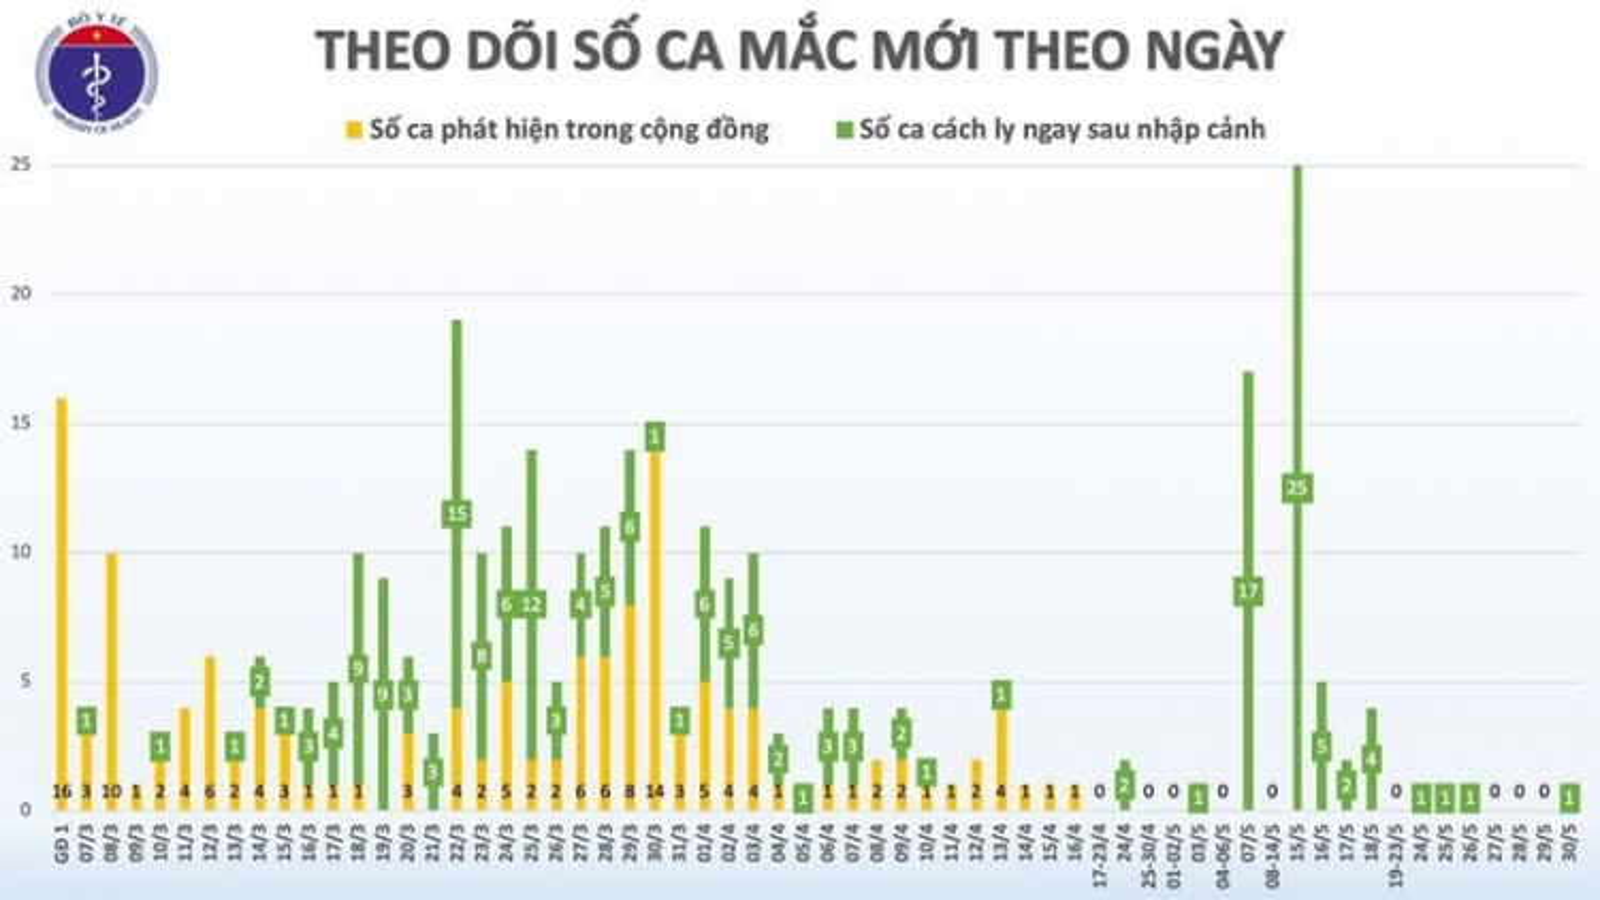 44 ngày Việt Nam không có ca mắc Covid-19 mới trong cộng đồng